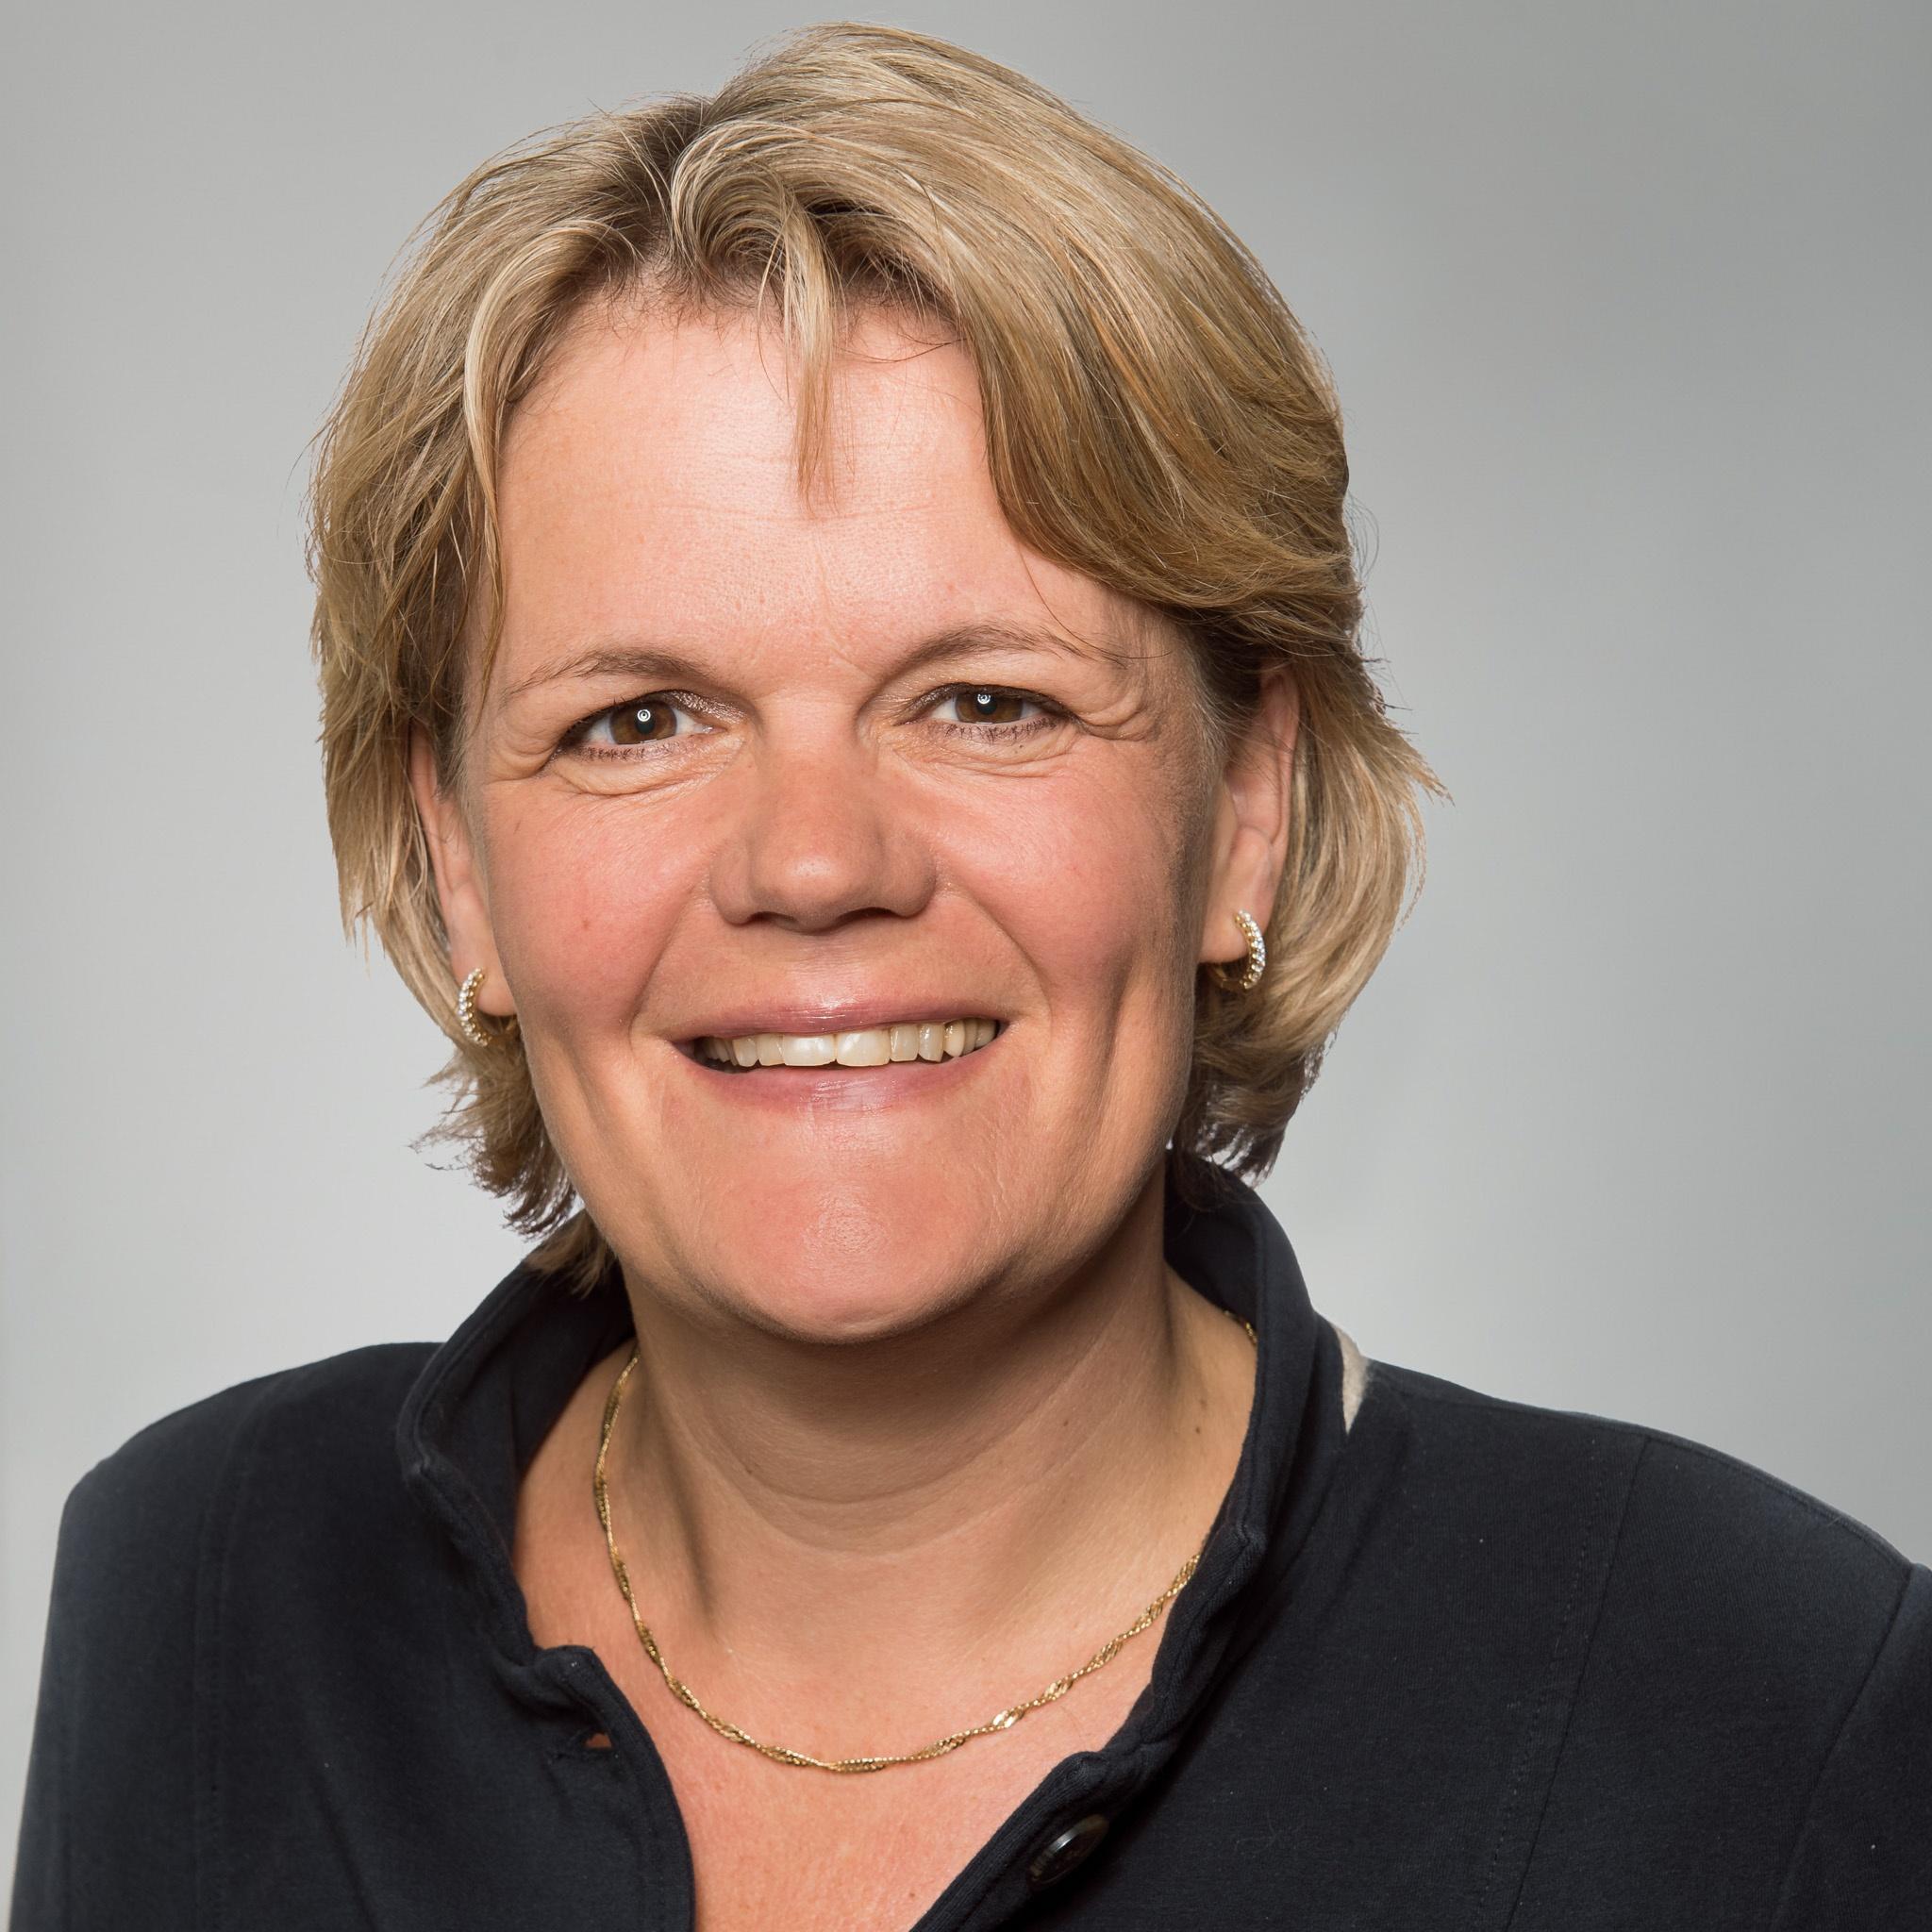 Marieke Schut